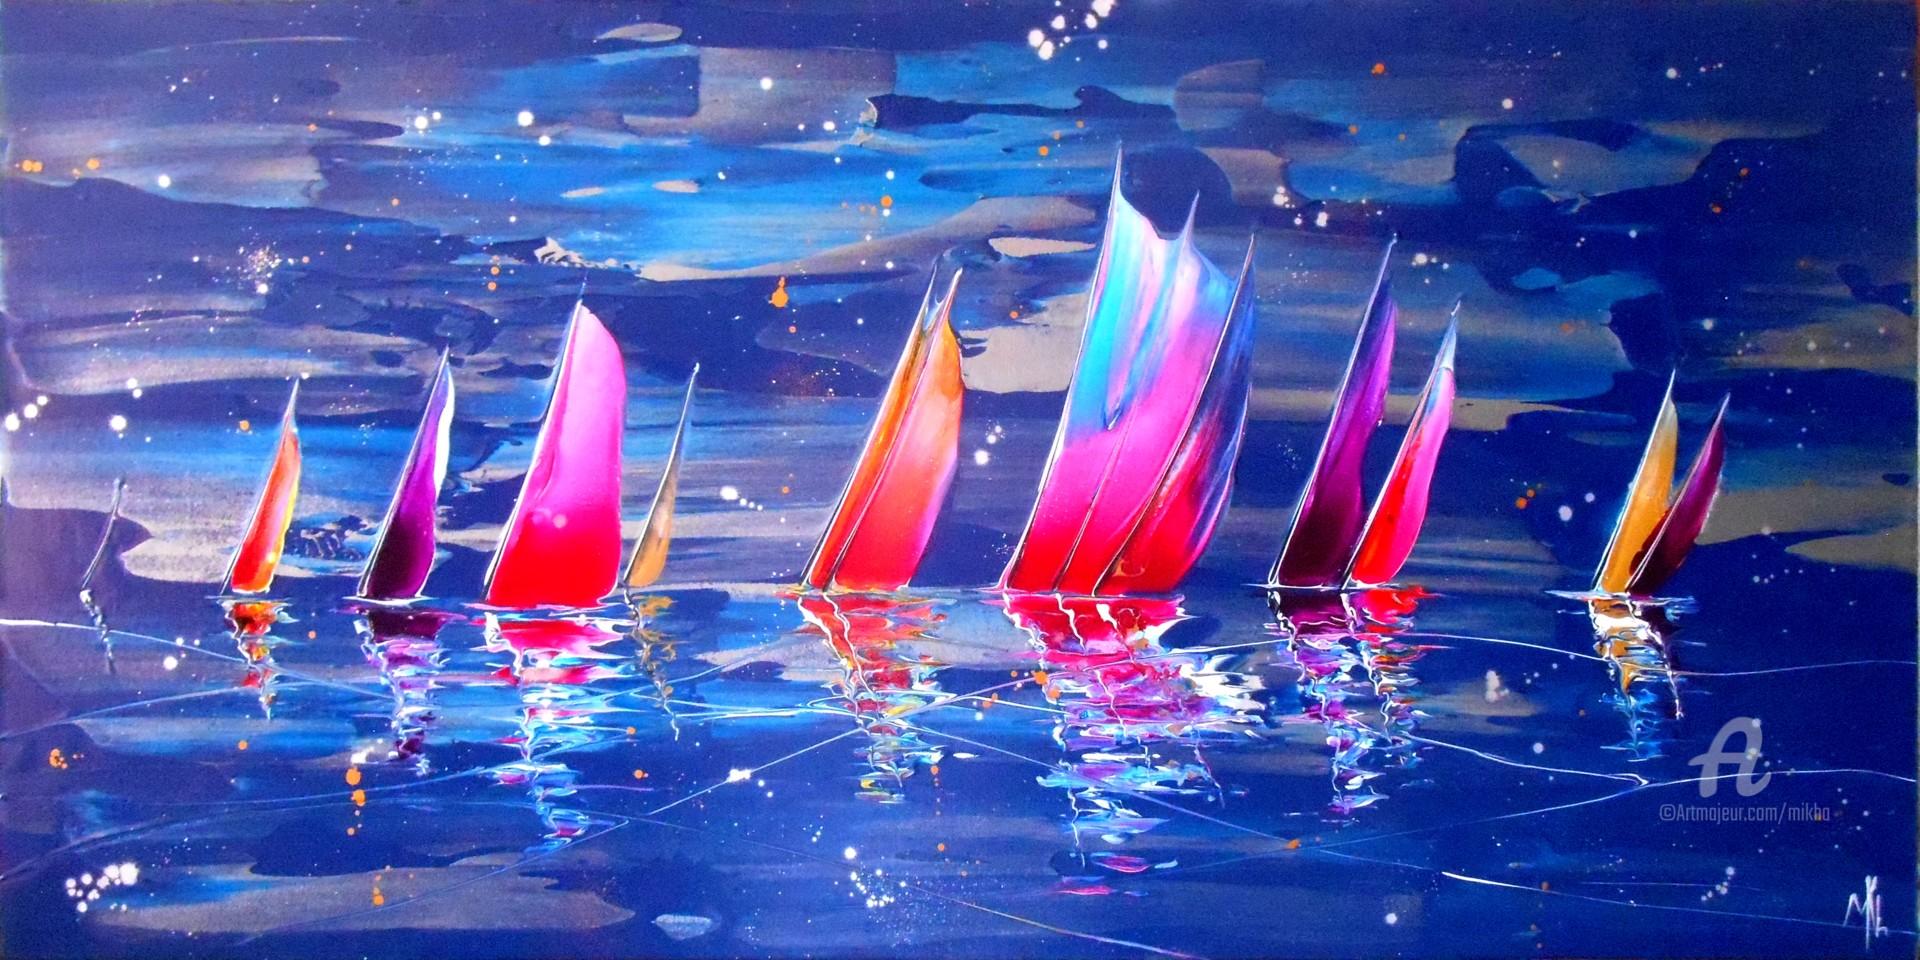 Mikha - Night regatta 16540